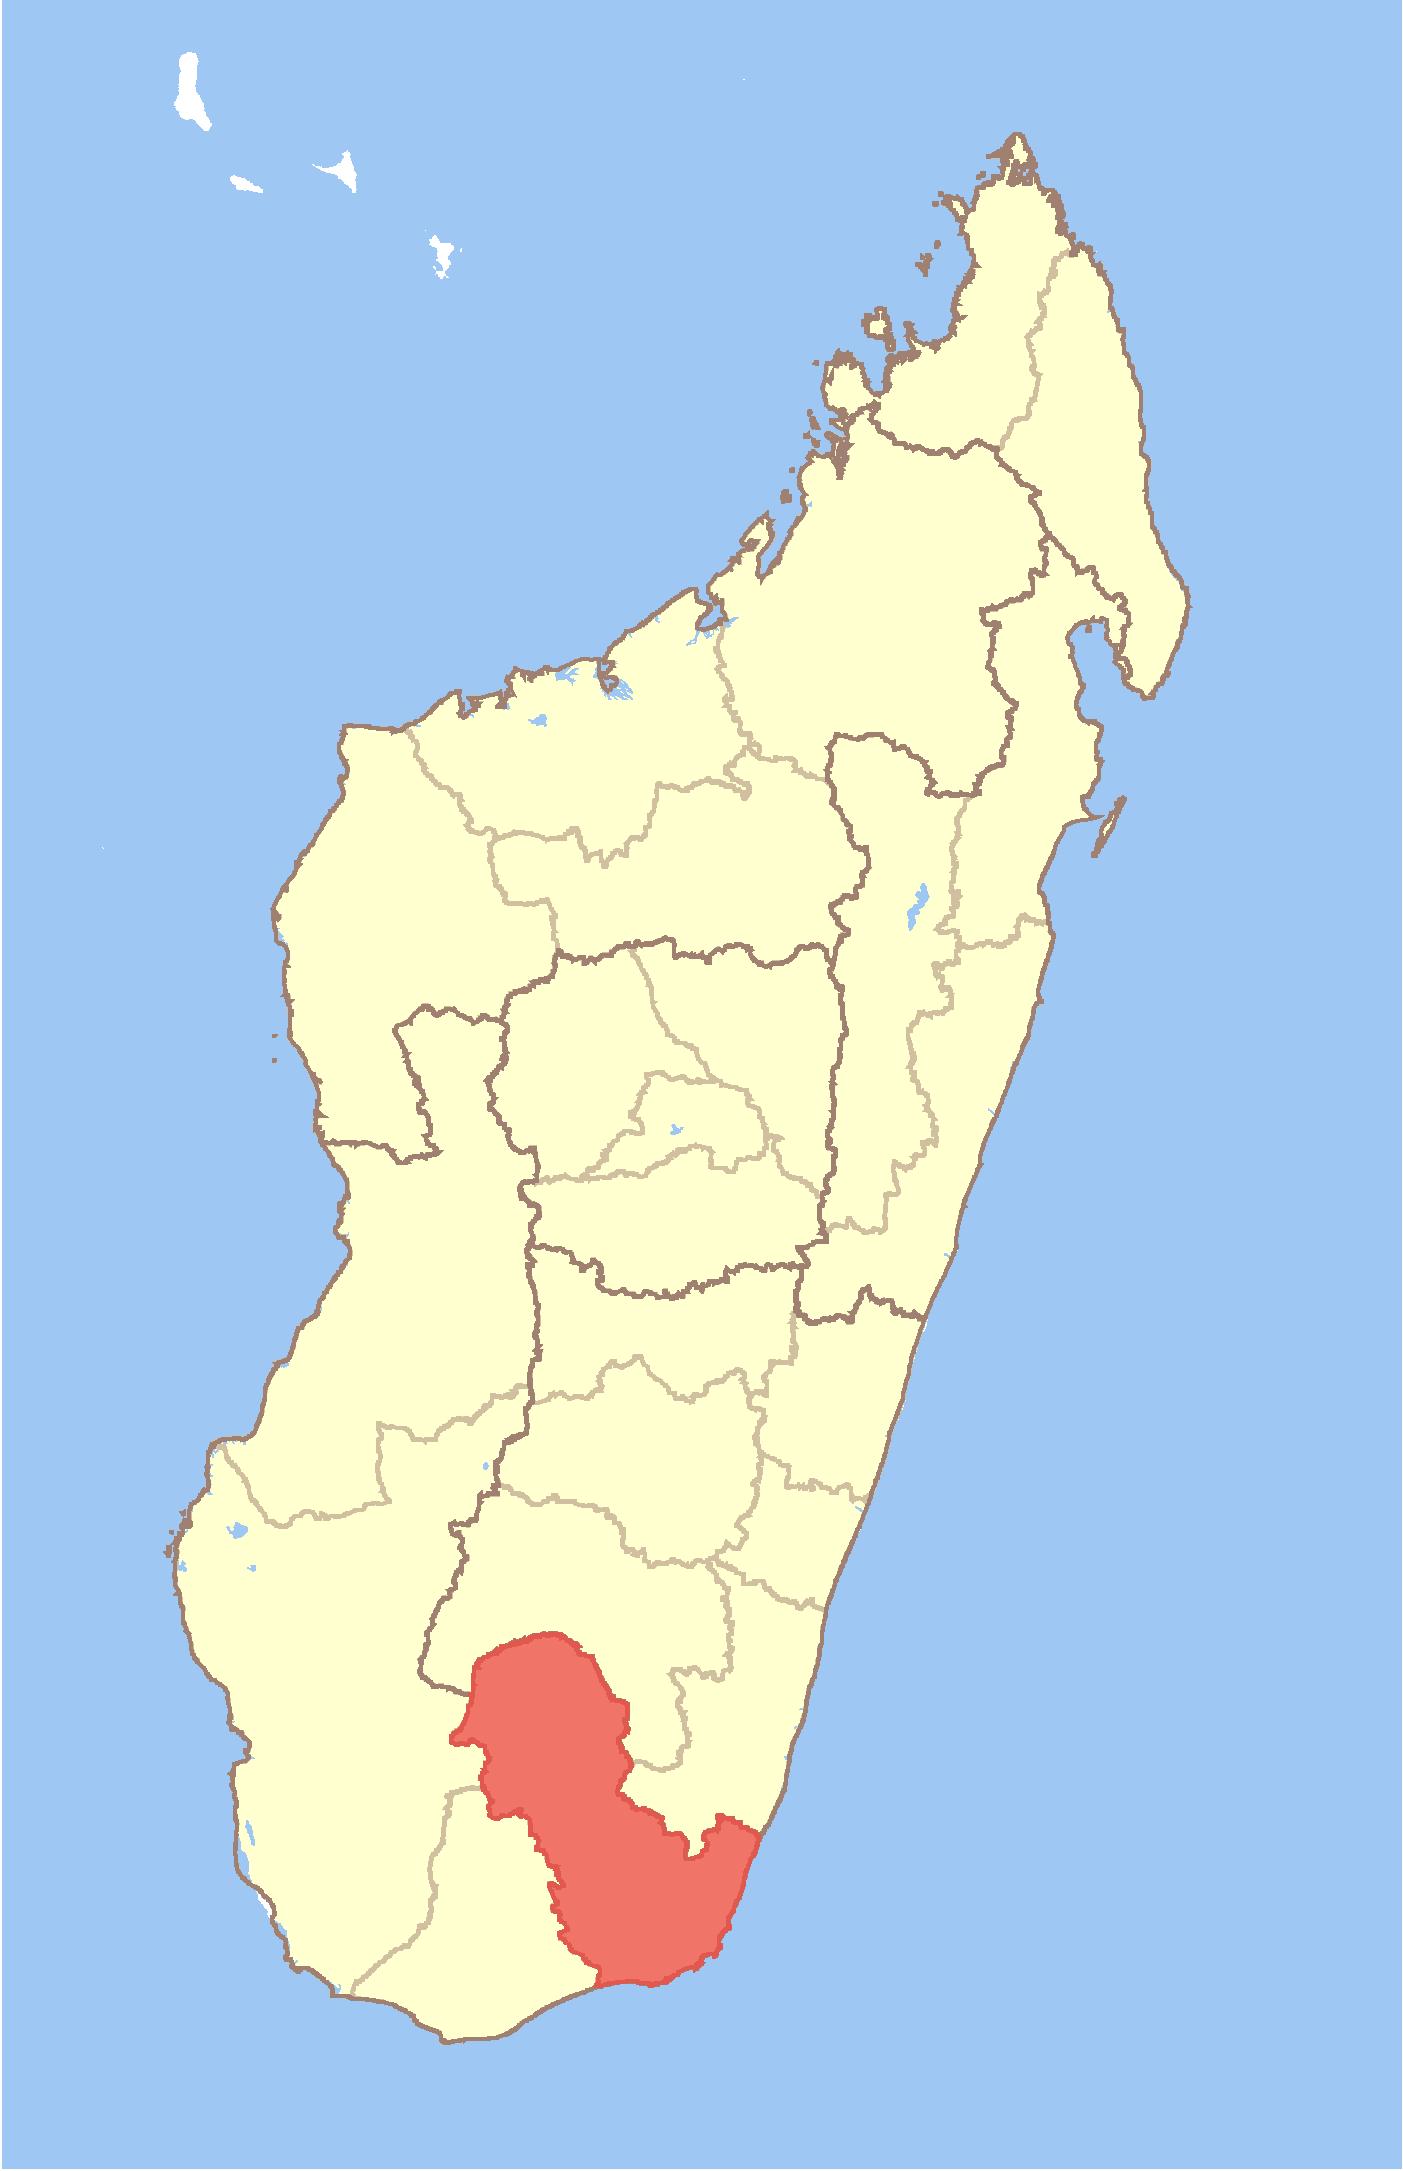 Carte De Madagascar Avec 22 Regions.Anosy Region Wikipedia